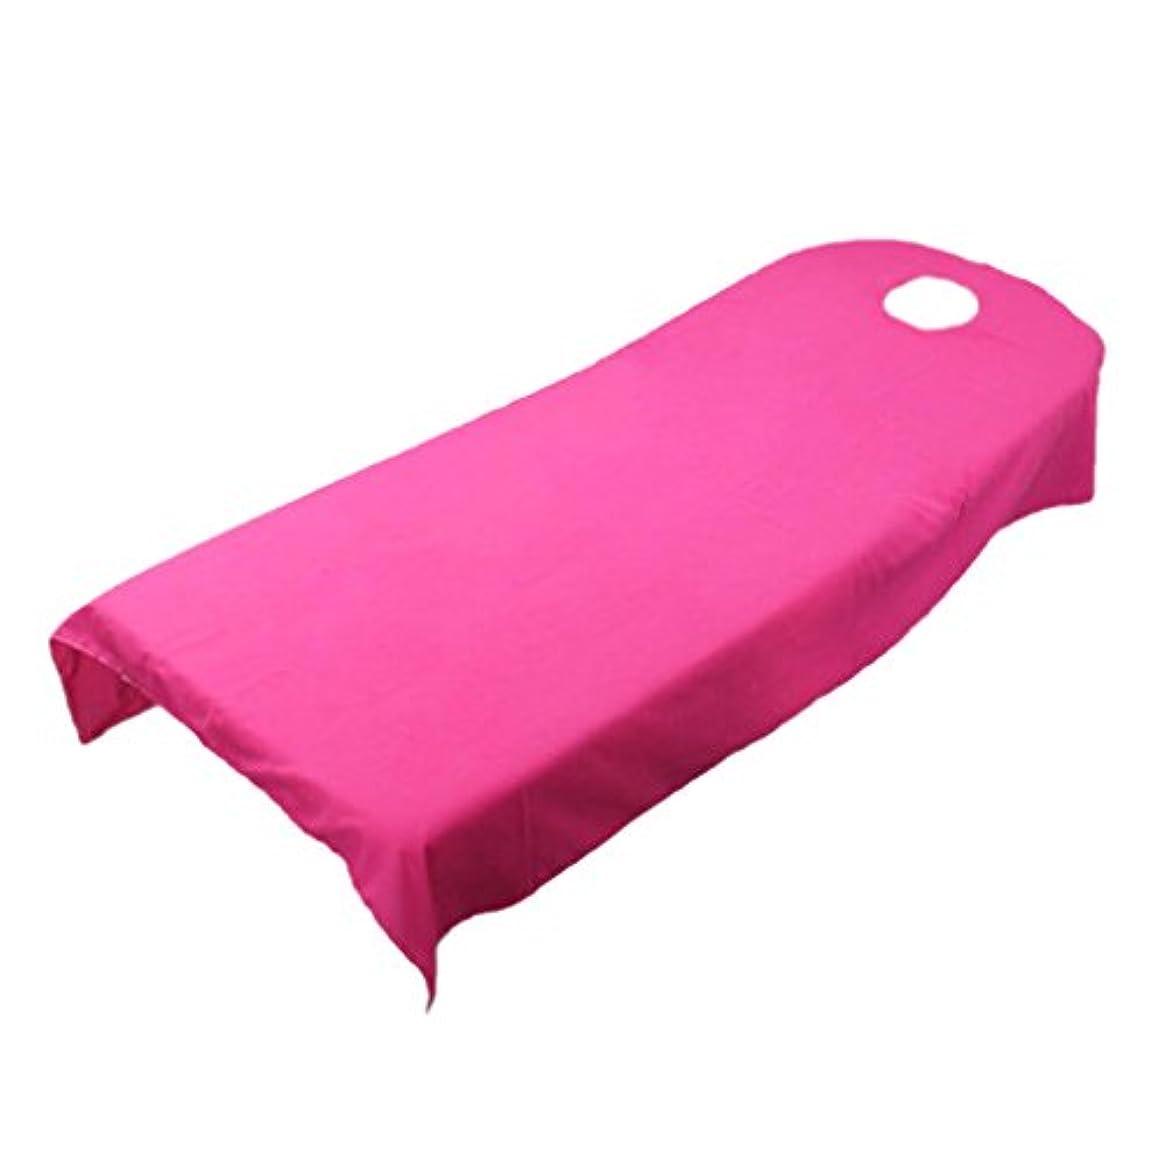 公式ピューのど柔らかい ベッドカバー シート ホール付き 美容/マッサージ/スパ専用 全9色可選 - ホトピンク